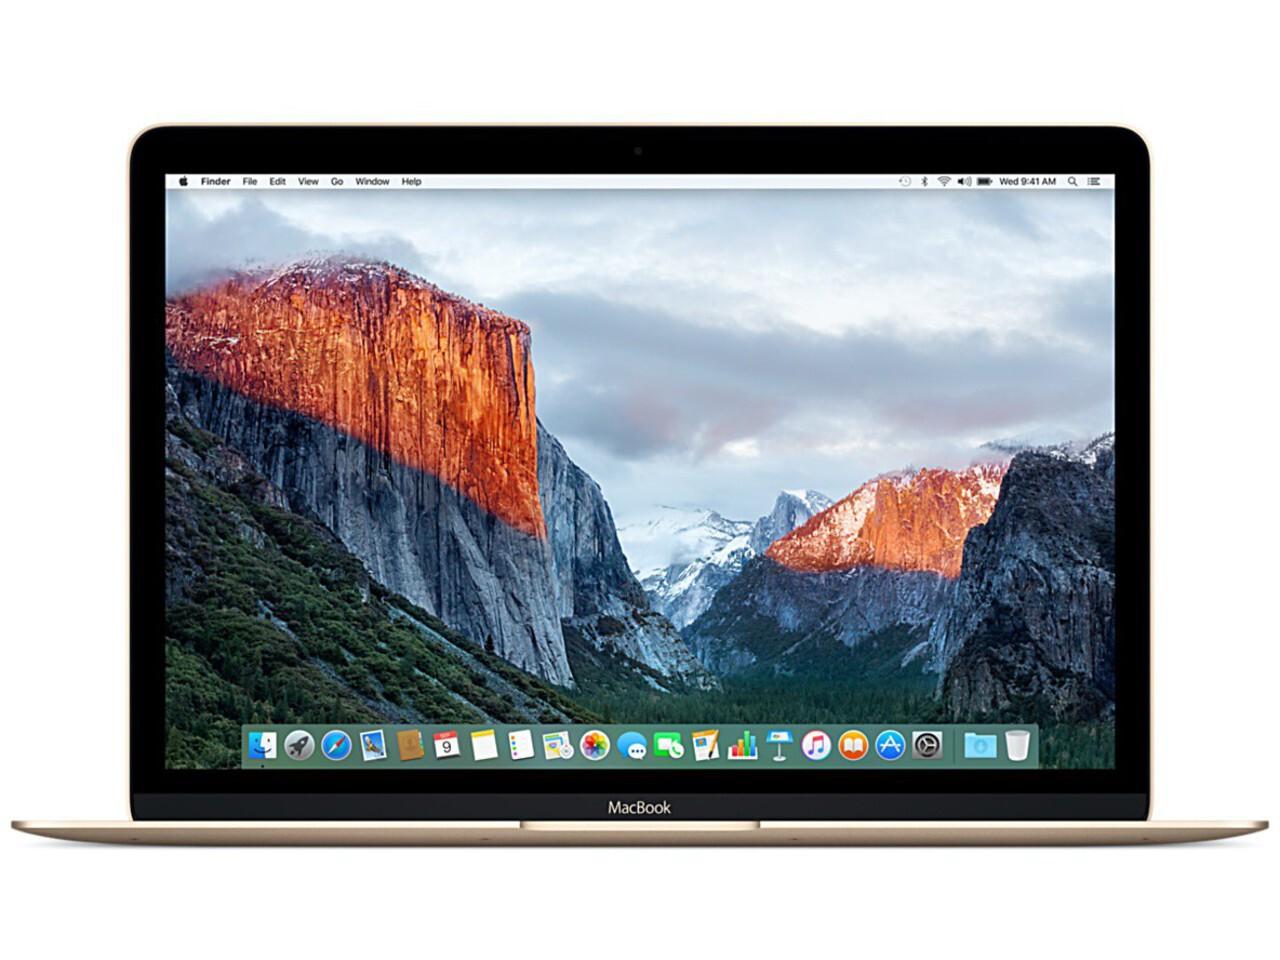 macbook 12 inch 2016 gold